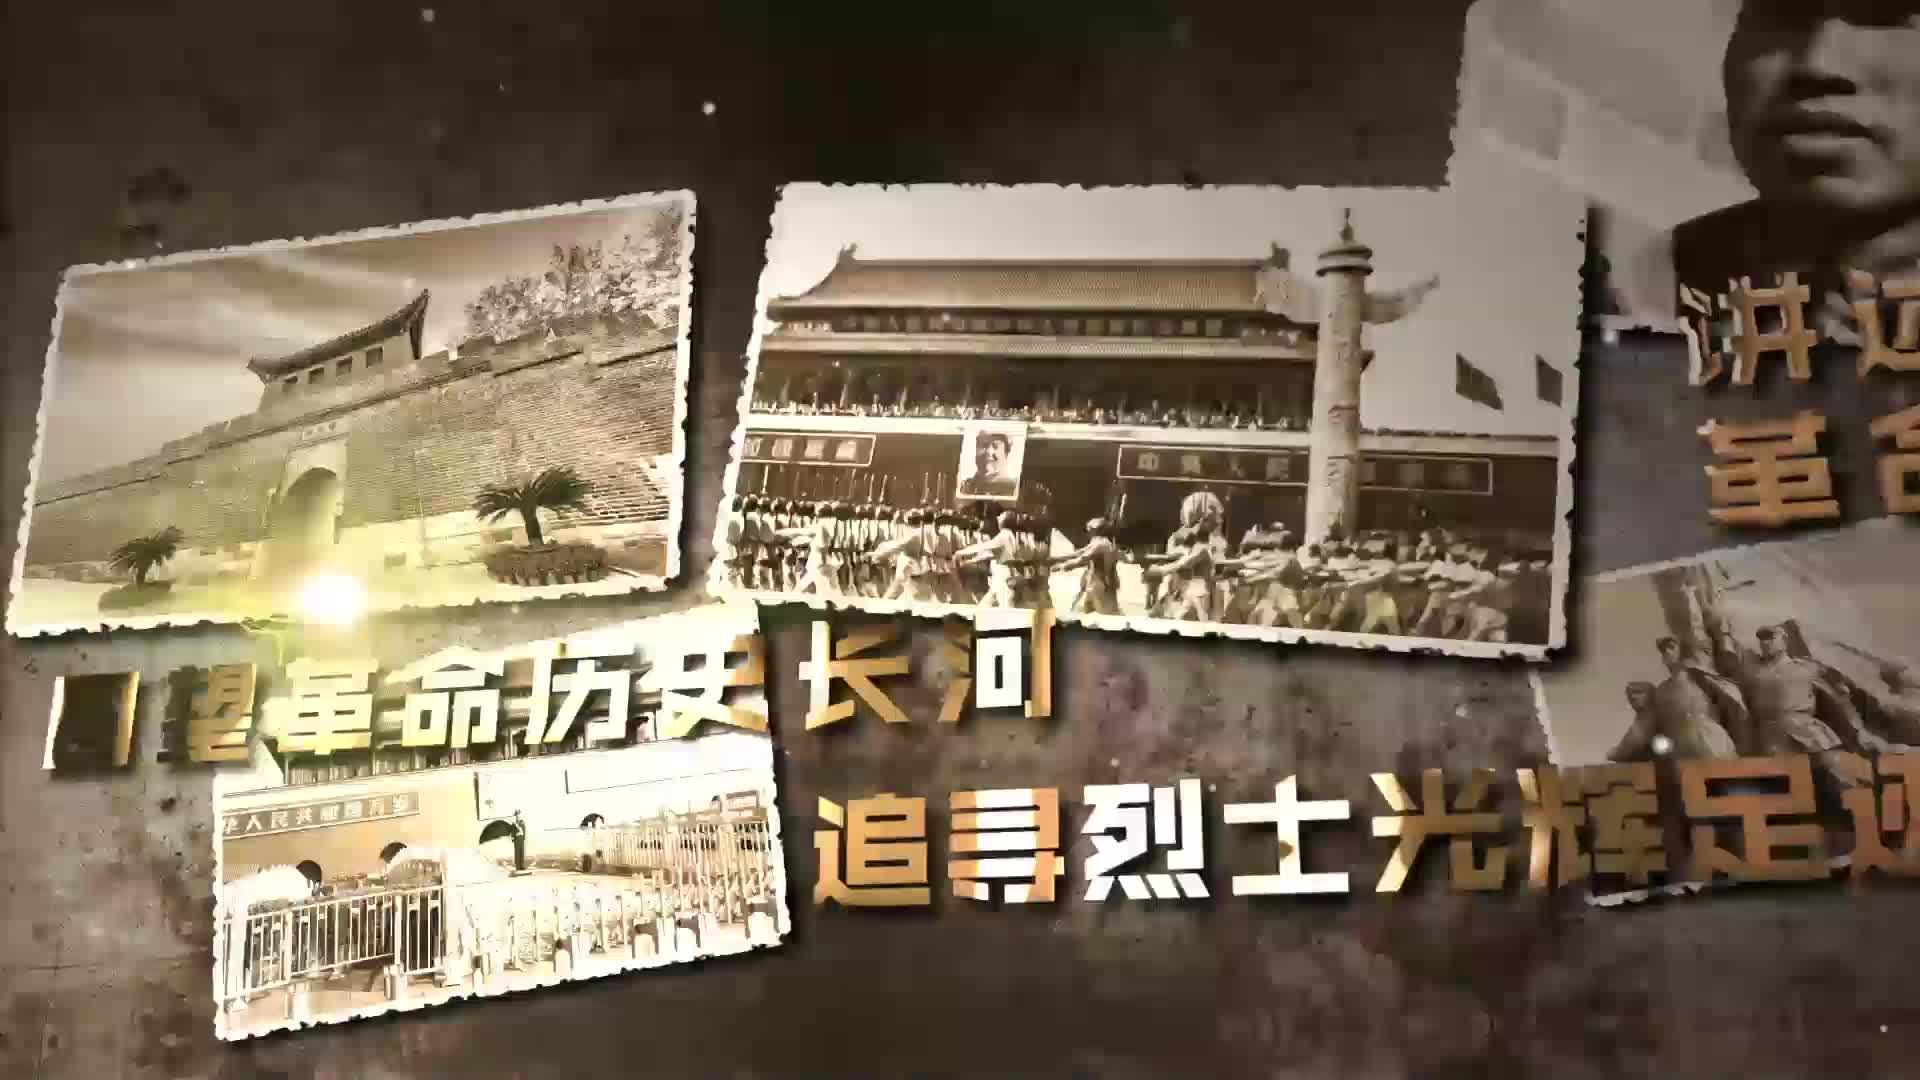 系列短视频《最是磨难砺初心》(三)宋乔生:南方工人运动的一面旗帜